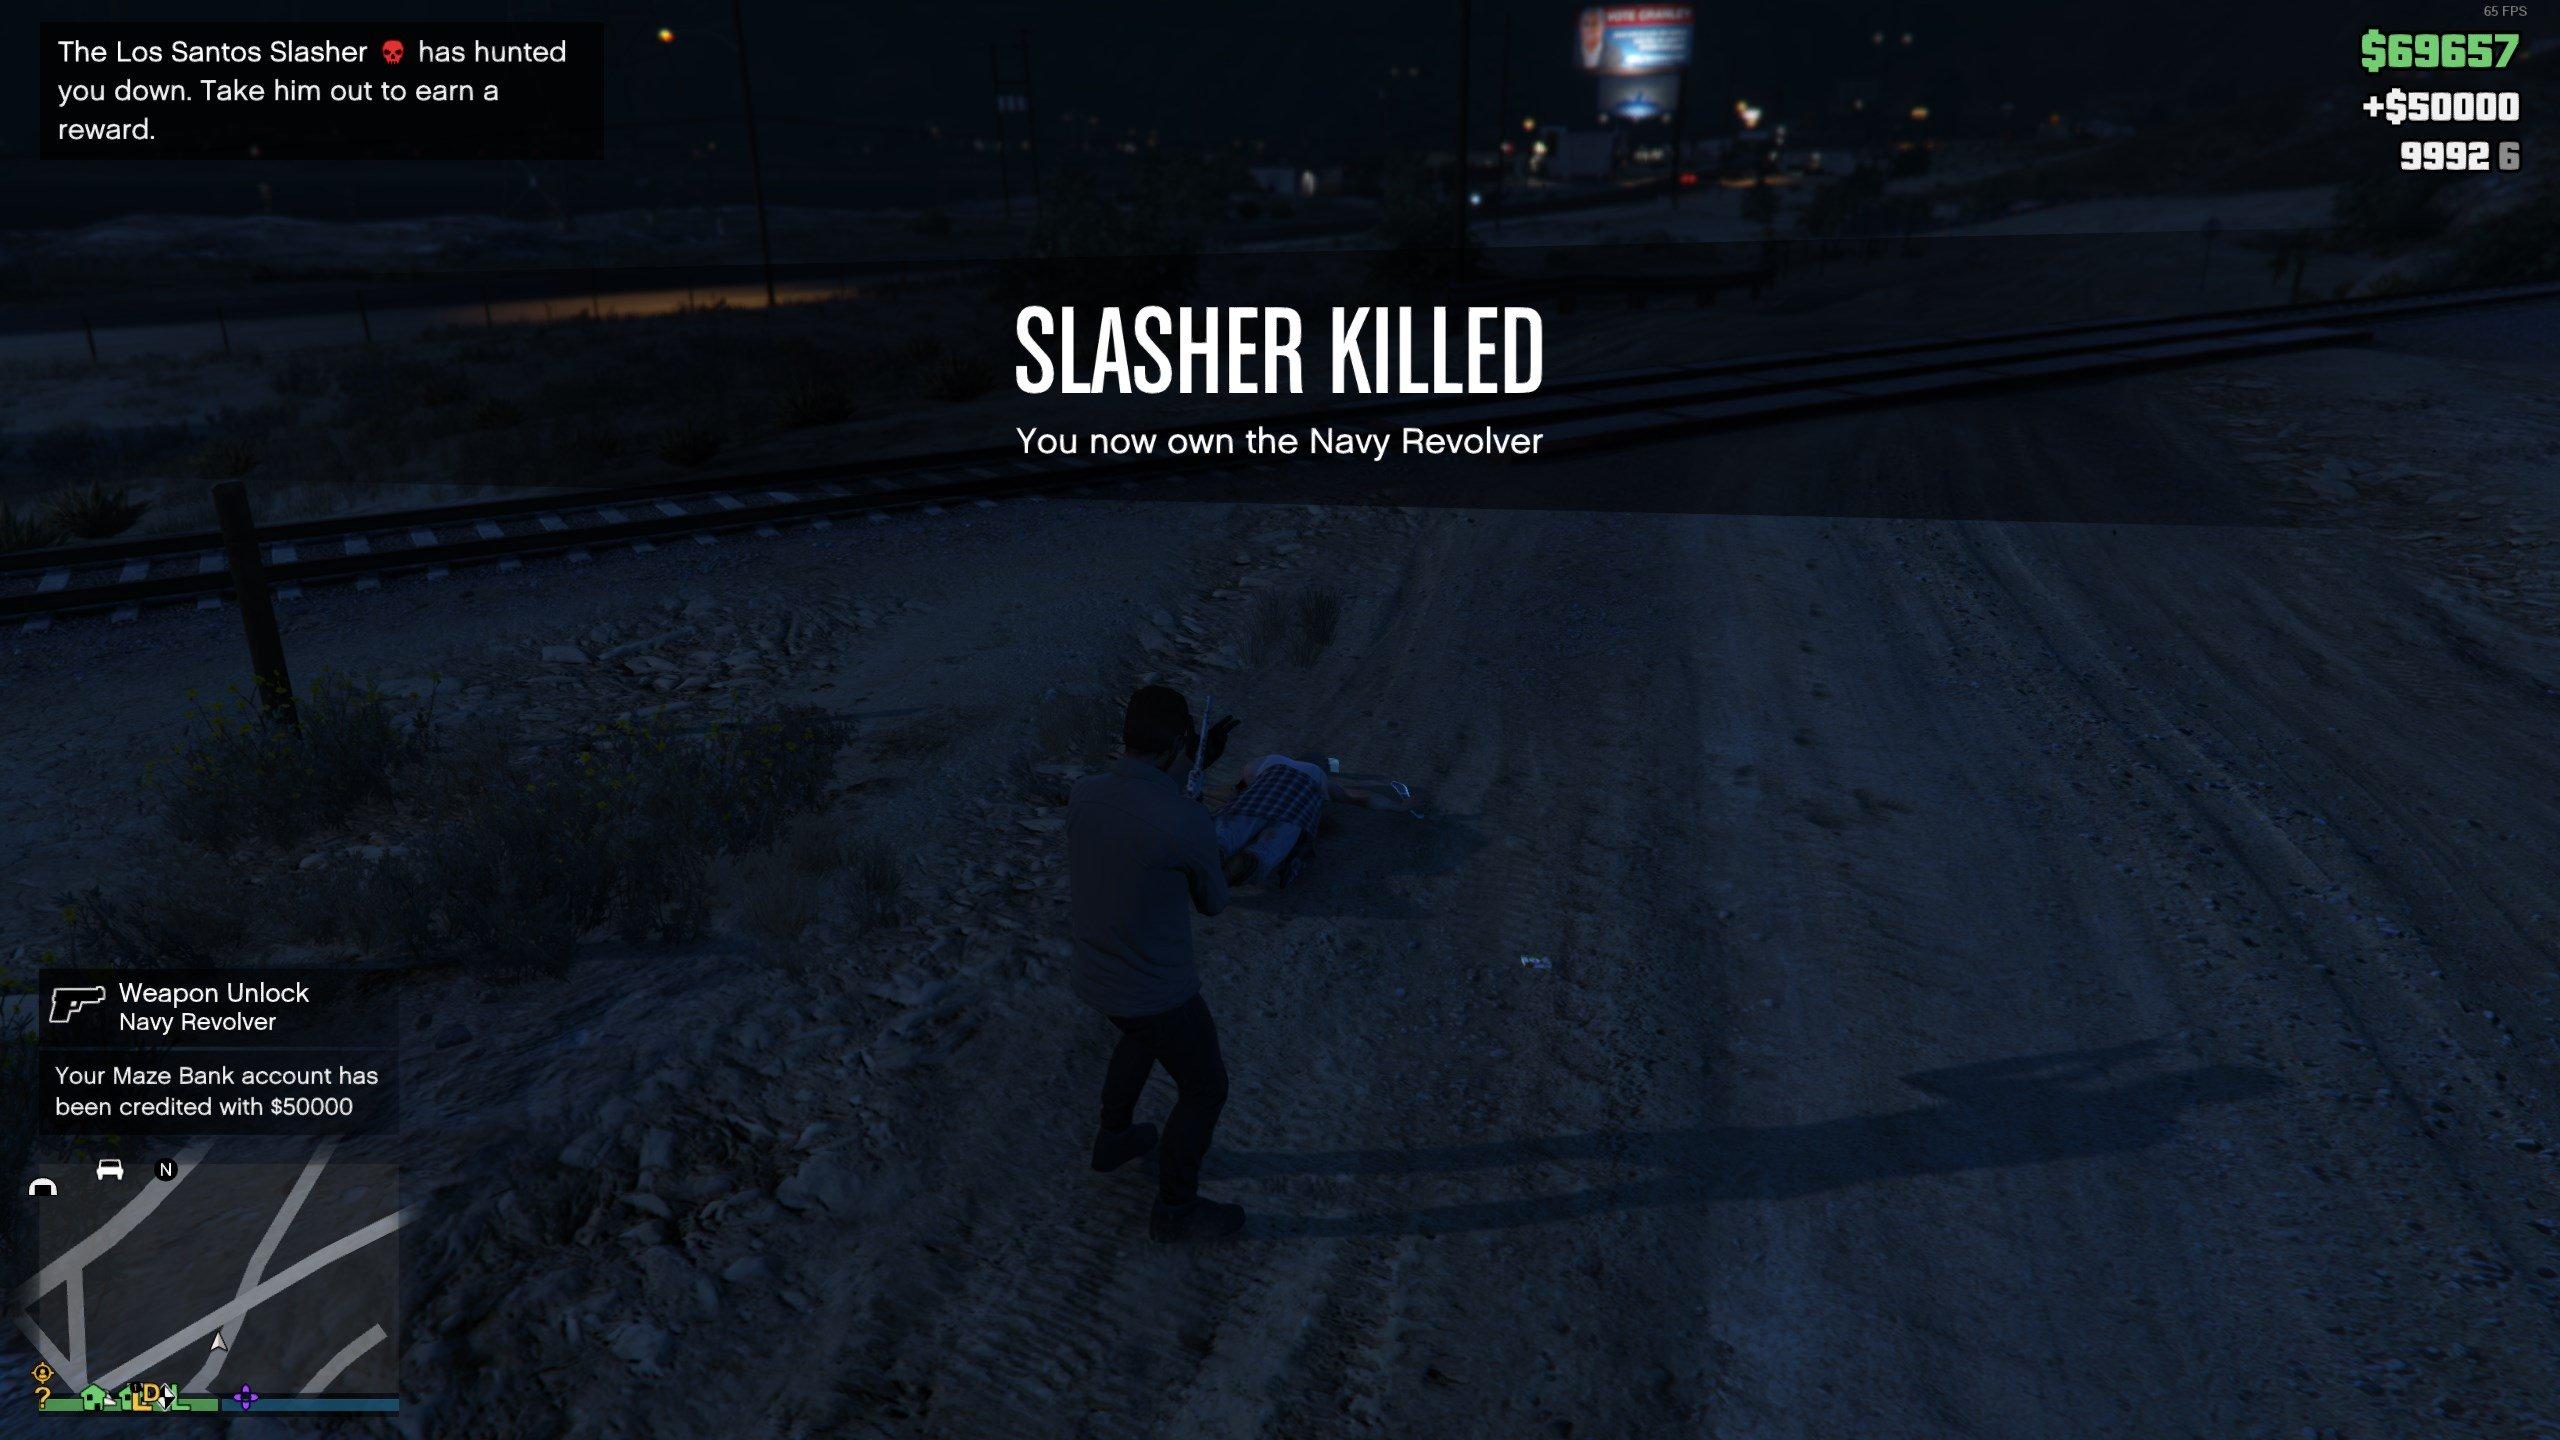 How to get Navy Revolver - kill Slasher - GTAO